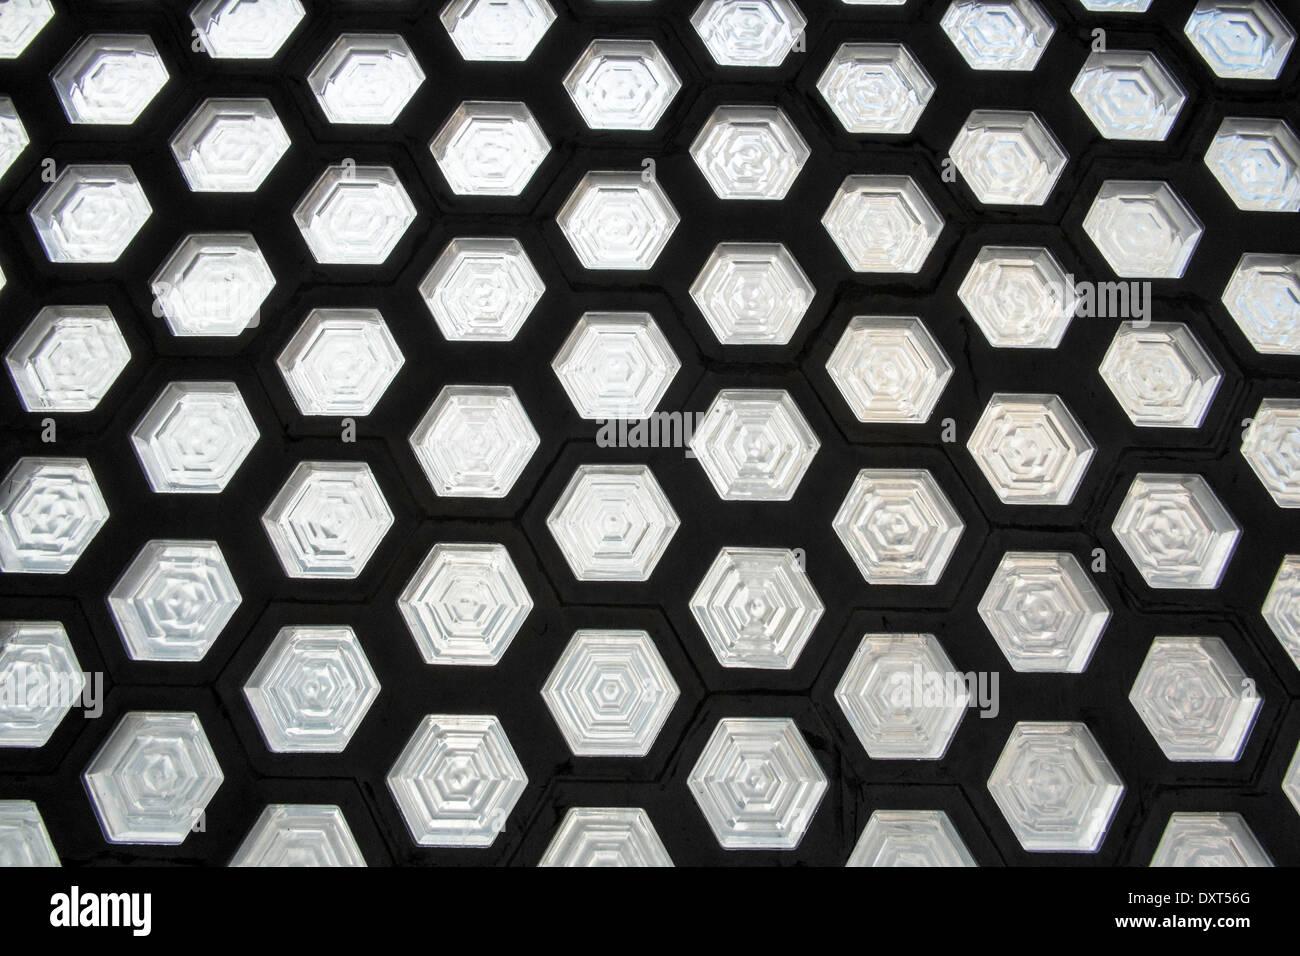 wall tiles glass - Stock Image